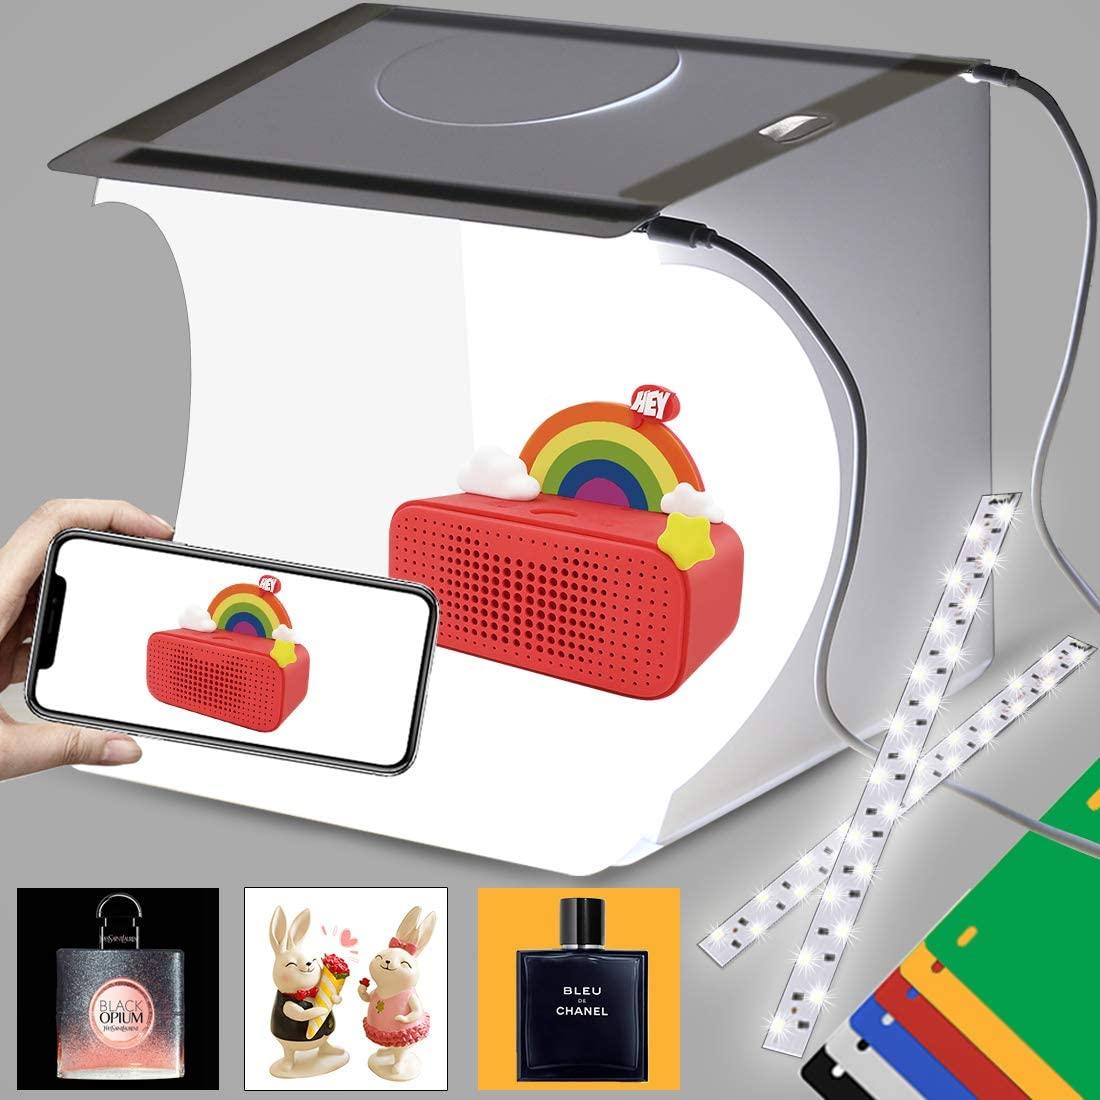 بوكس تصوير المنتجات Lightbox Studio 2 كل ما تريد معرفته عن بوكس تصوير المنتجات Lightbox Studio